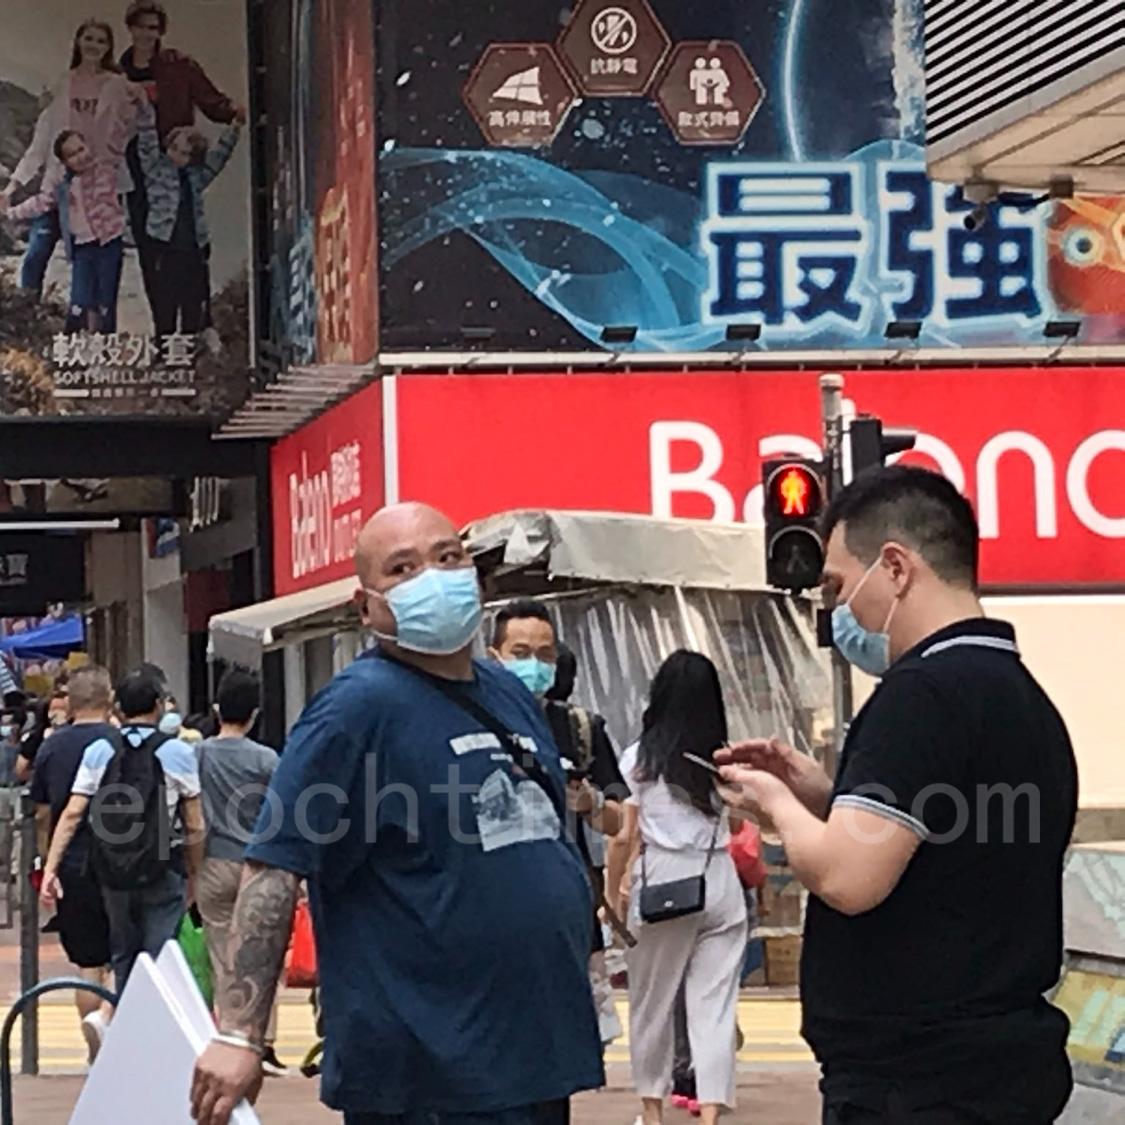 2男1女在被損毀的旺角亞皆老街法輪功真相點旁邊架起污衊法輪功的橫幅,其中一男子是光頭,身上可見有紋身。(周利/大紀元)